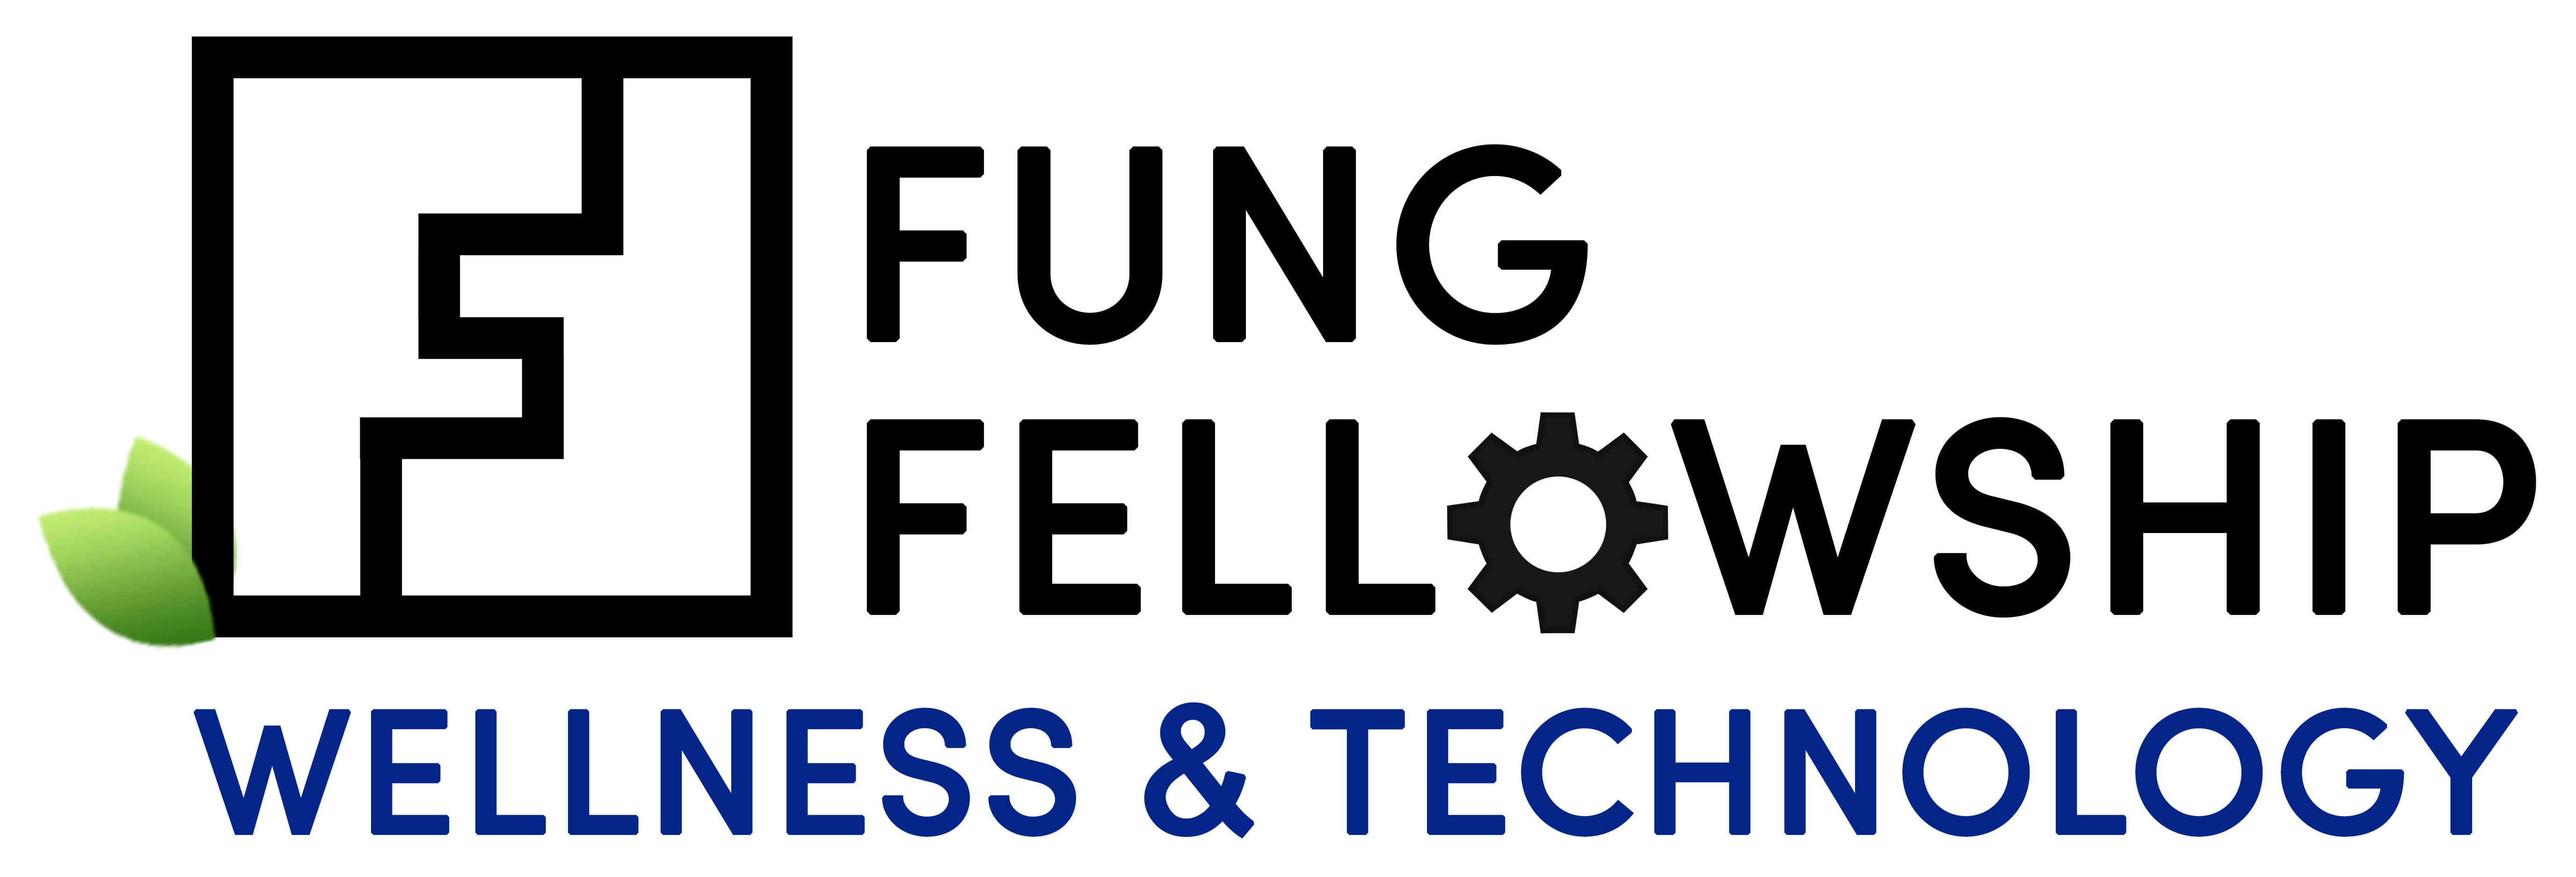 """""""Fung Fellowship logo"""